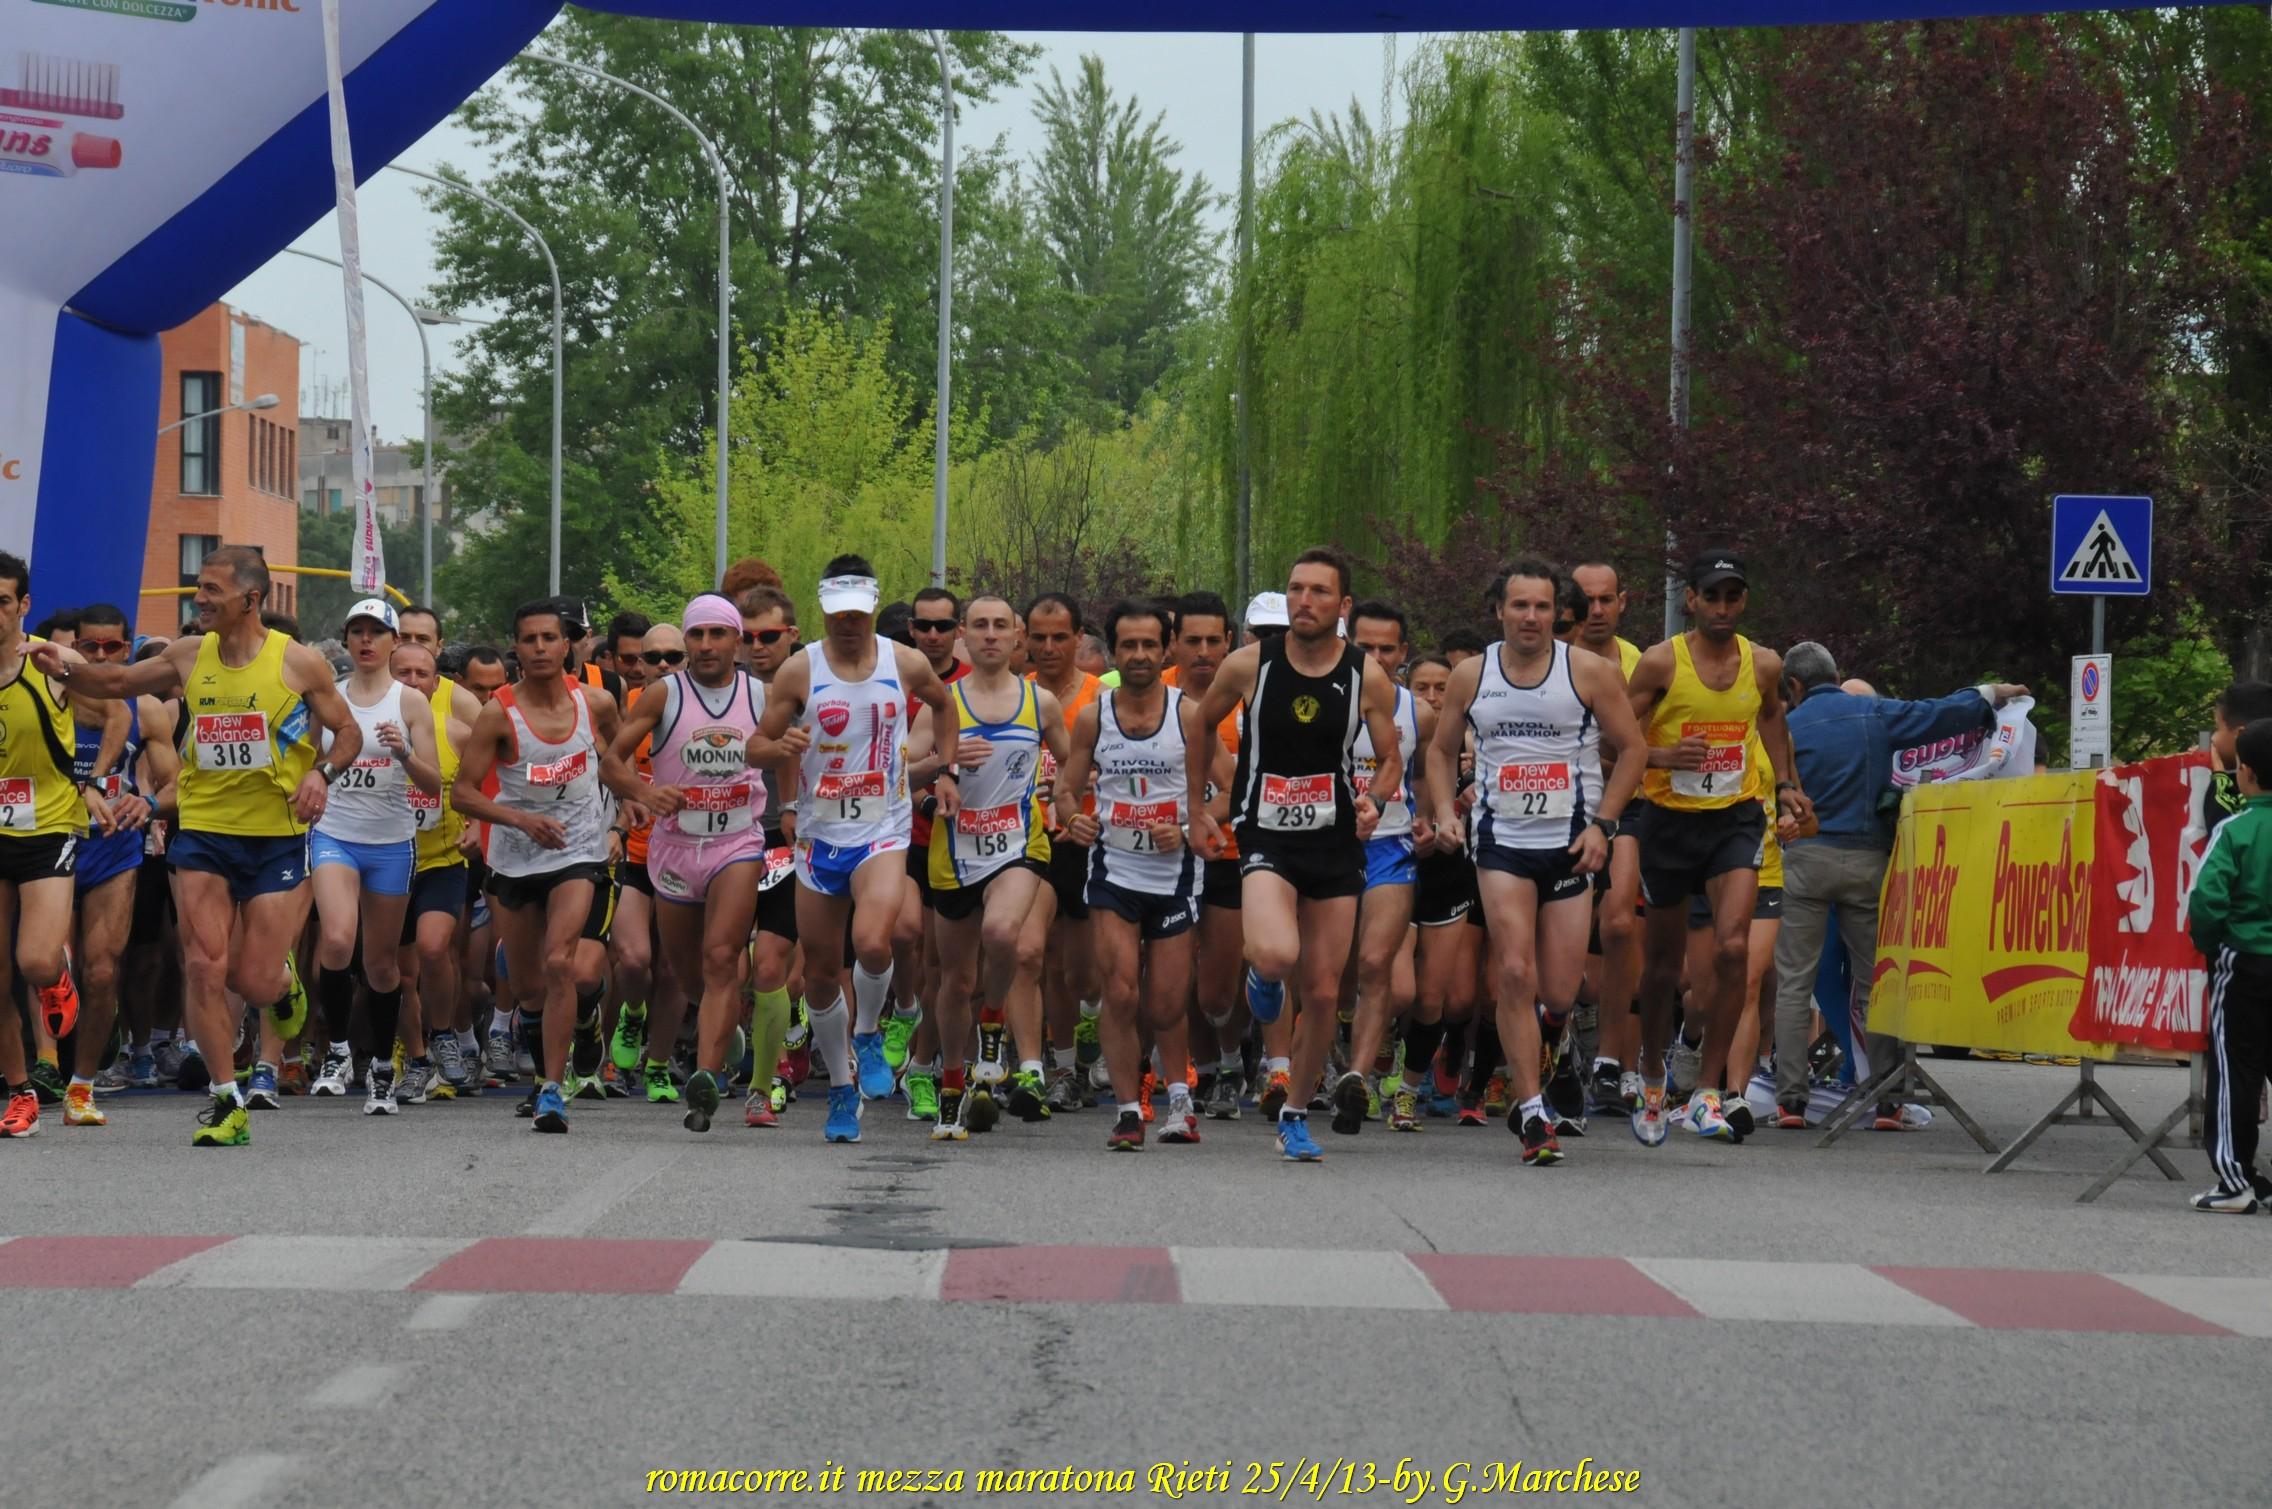 Mezza maratona di Rieti